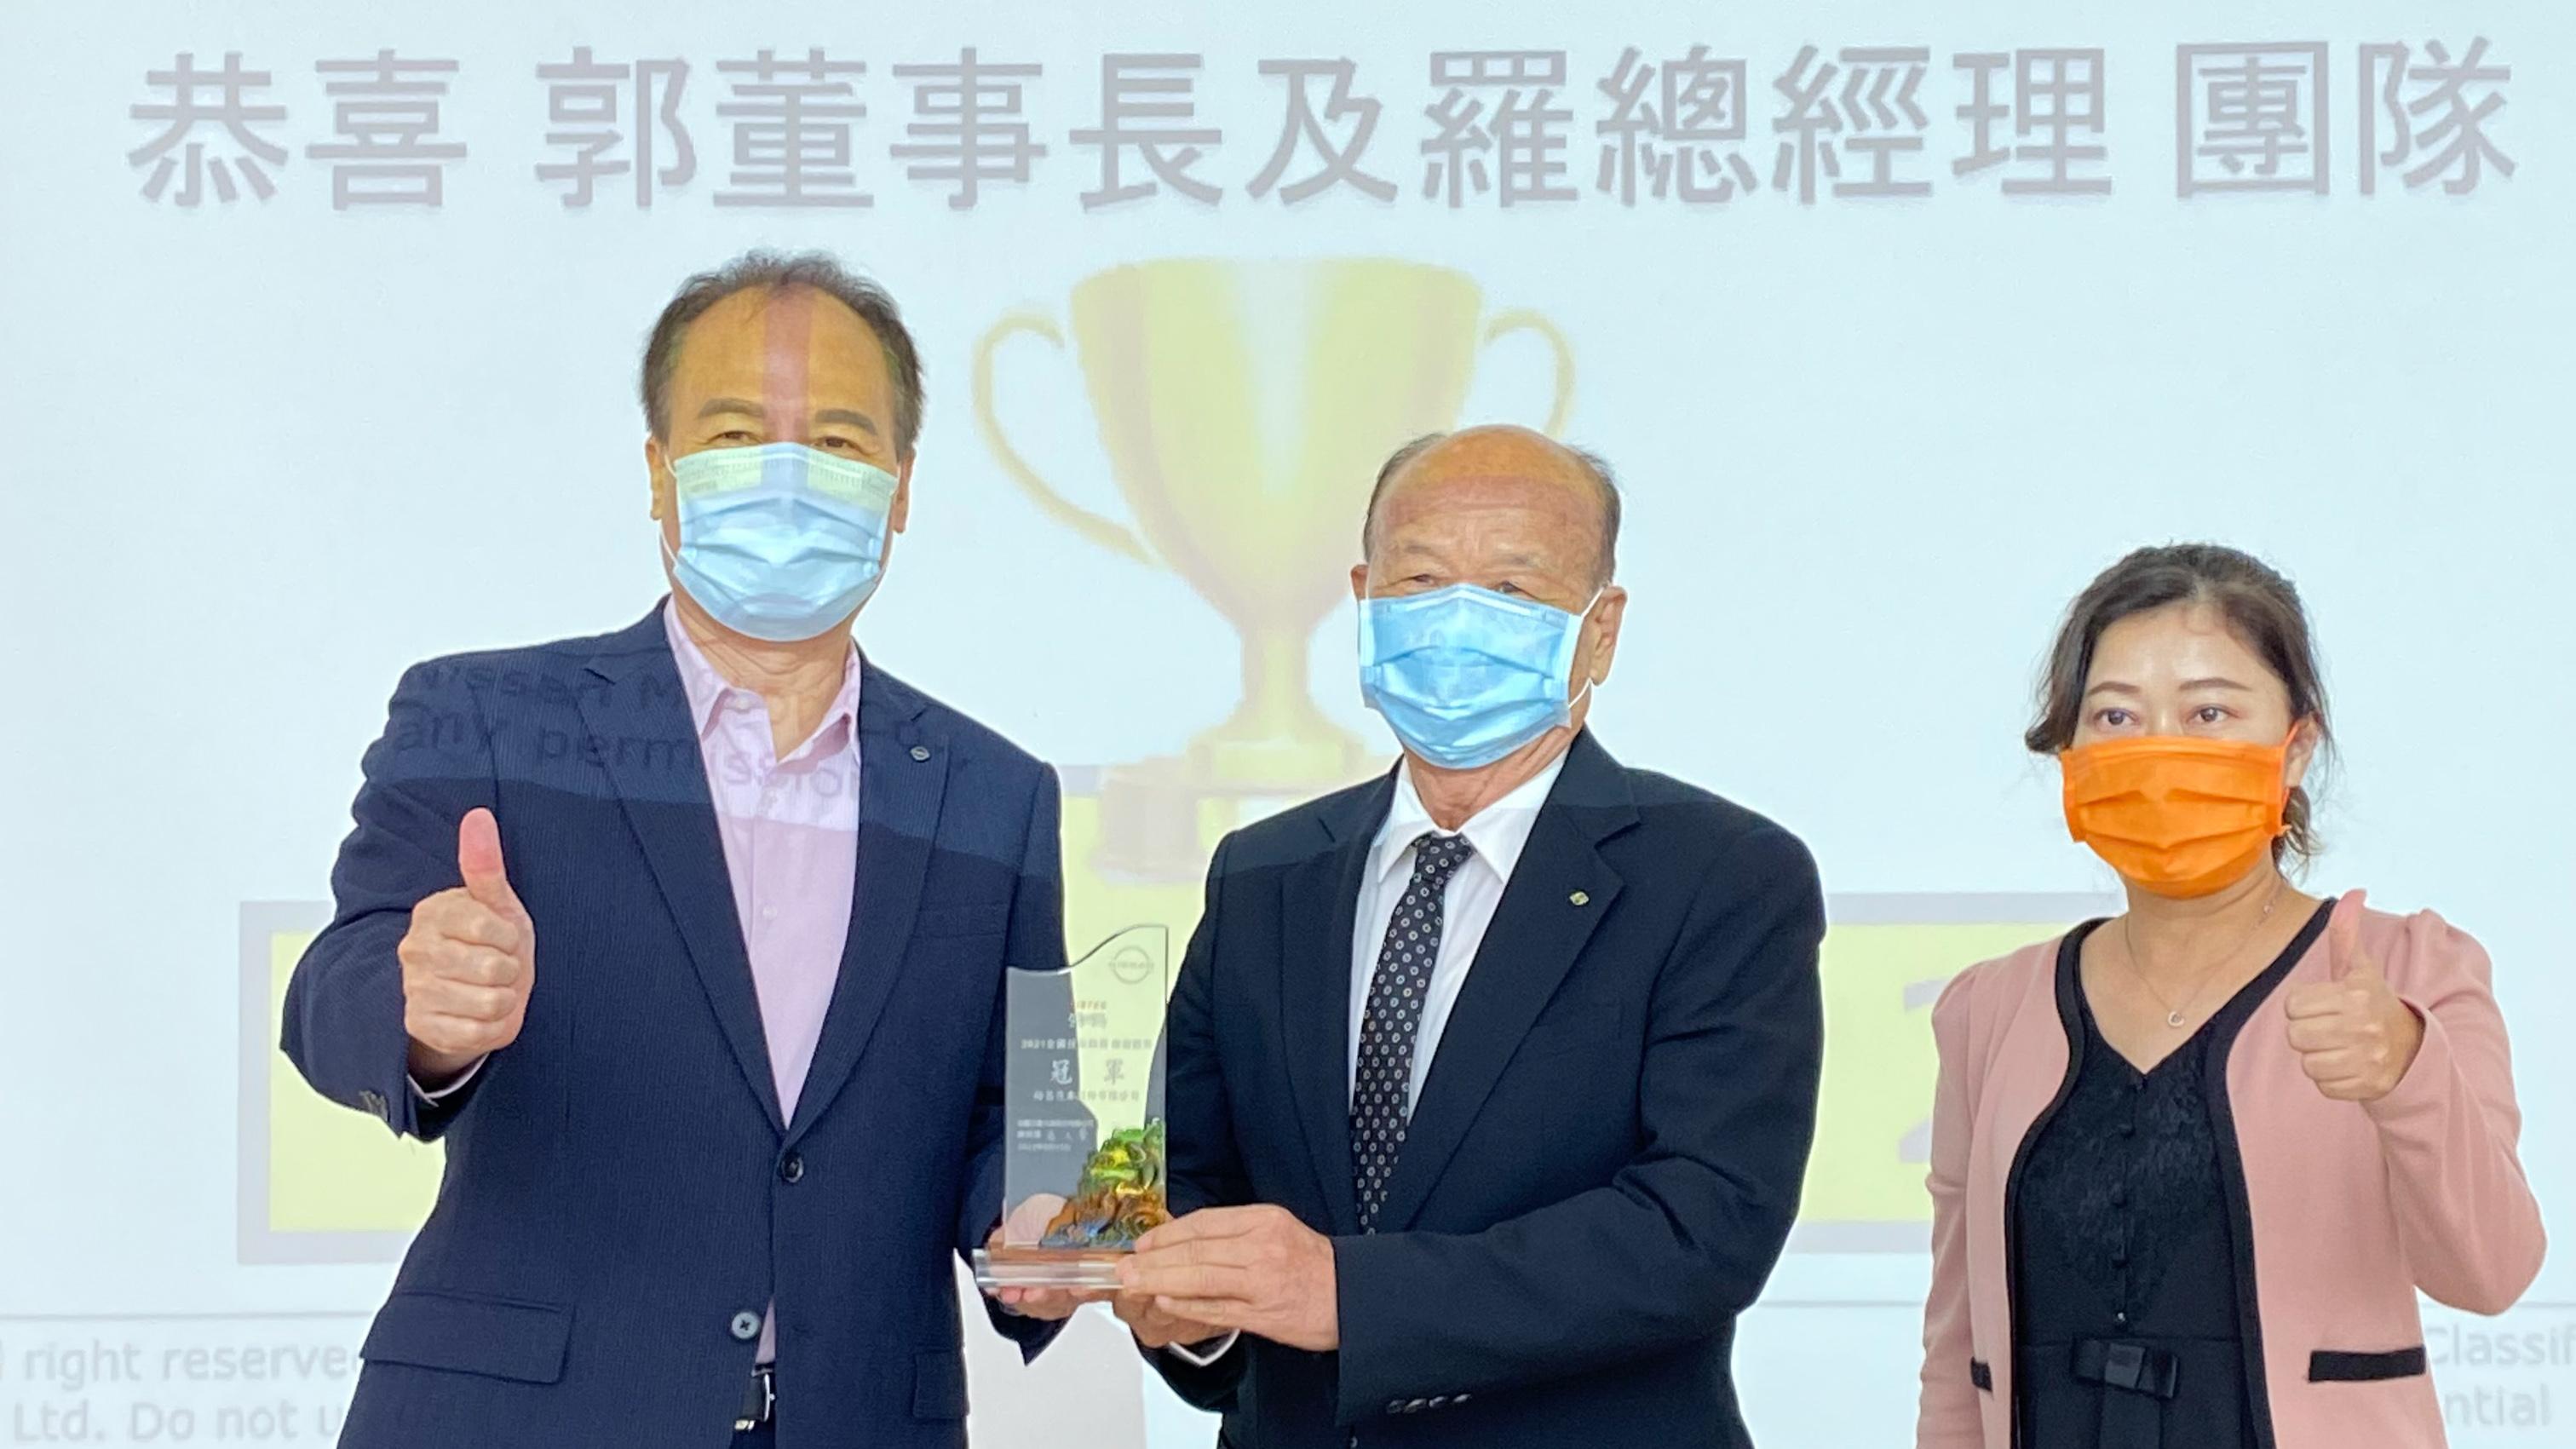 裕隆日產舉辦「2021 NISTEC/NISAC 全國技能競賽」  提昇顧客滿意